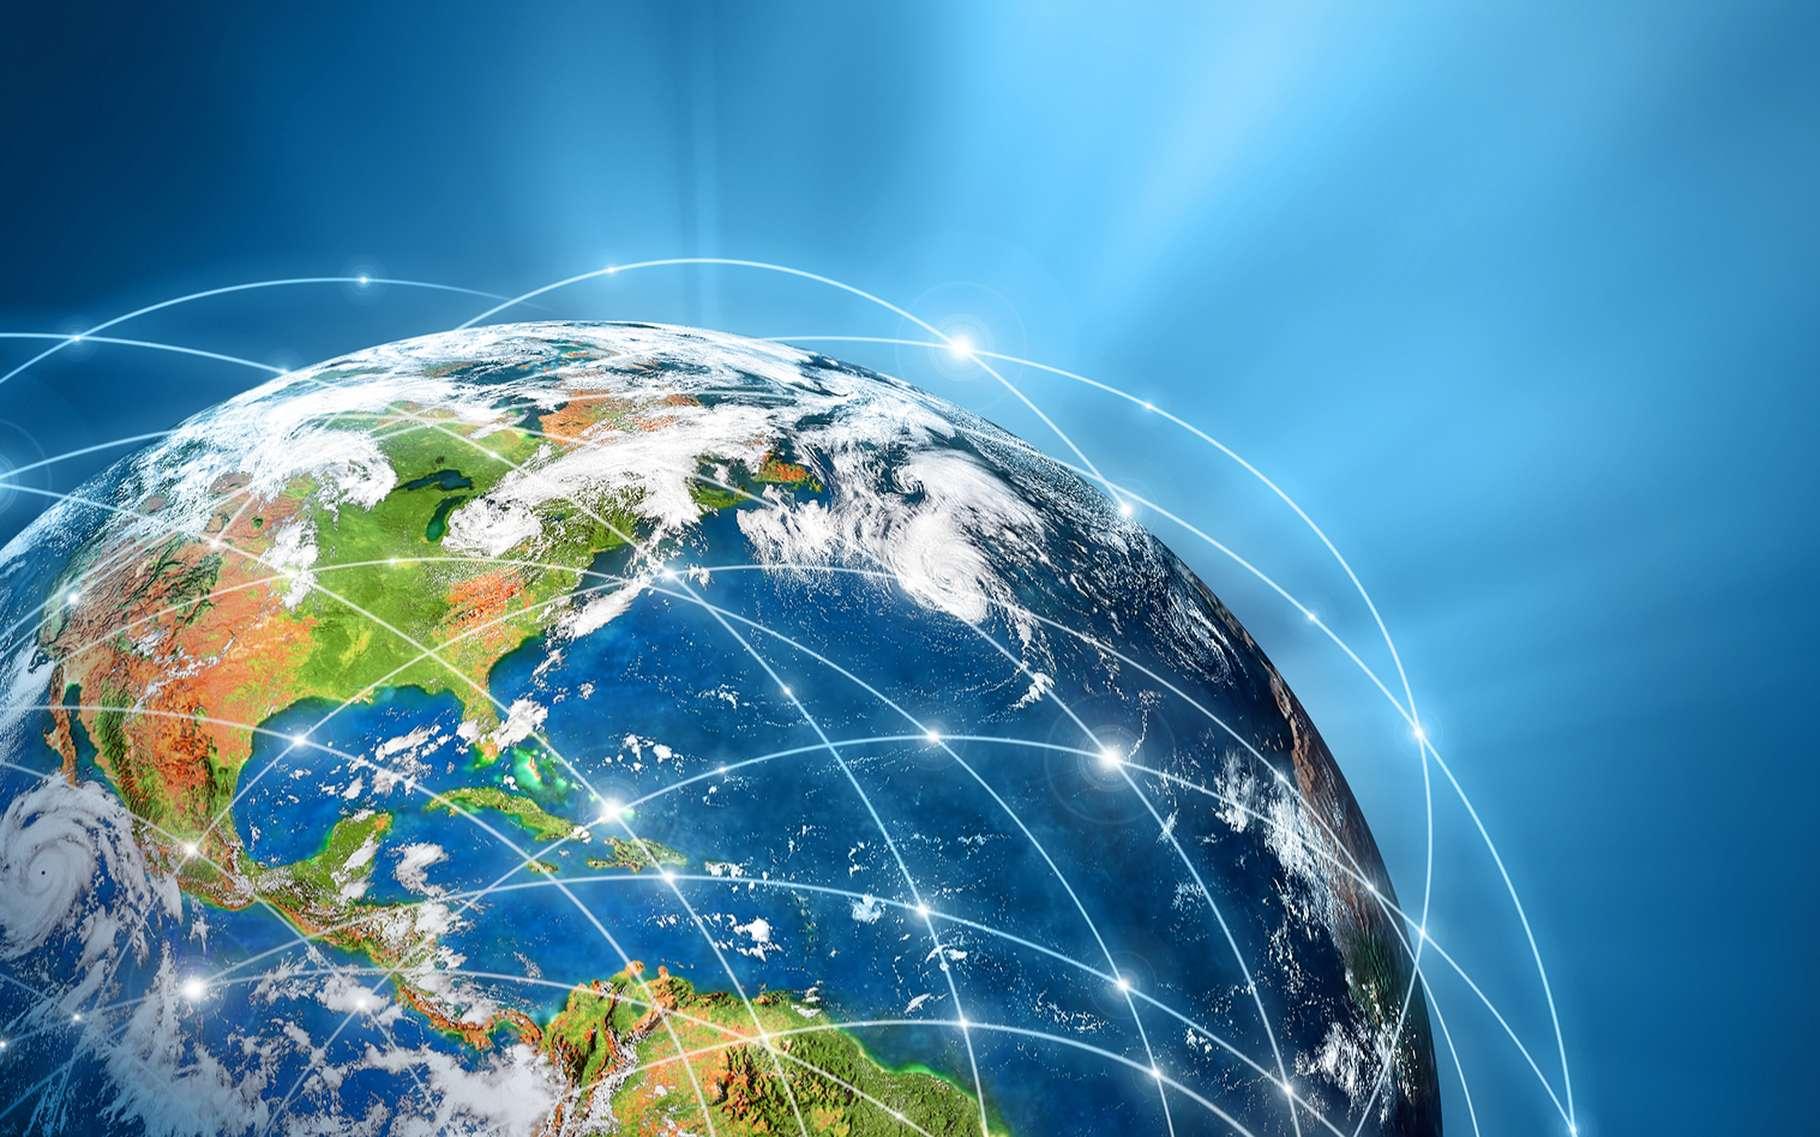 Avec des débits de connexion de plus en plus rapides, c'est désormais aux développeurs de sites Internet d'optimiser le chargement de leurs pages. © niroworld, Shutterstock